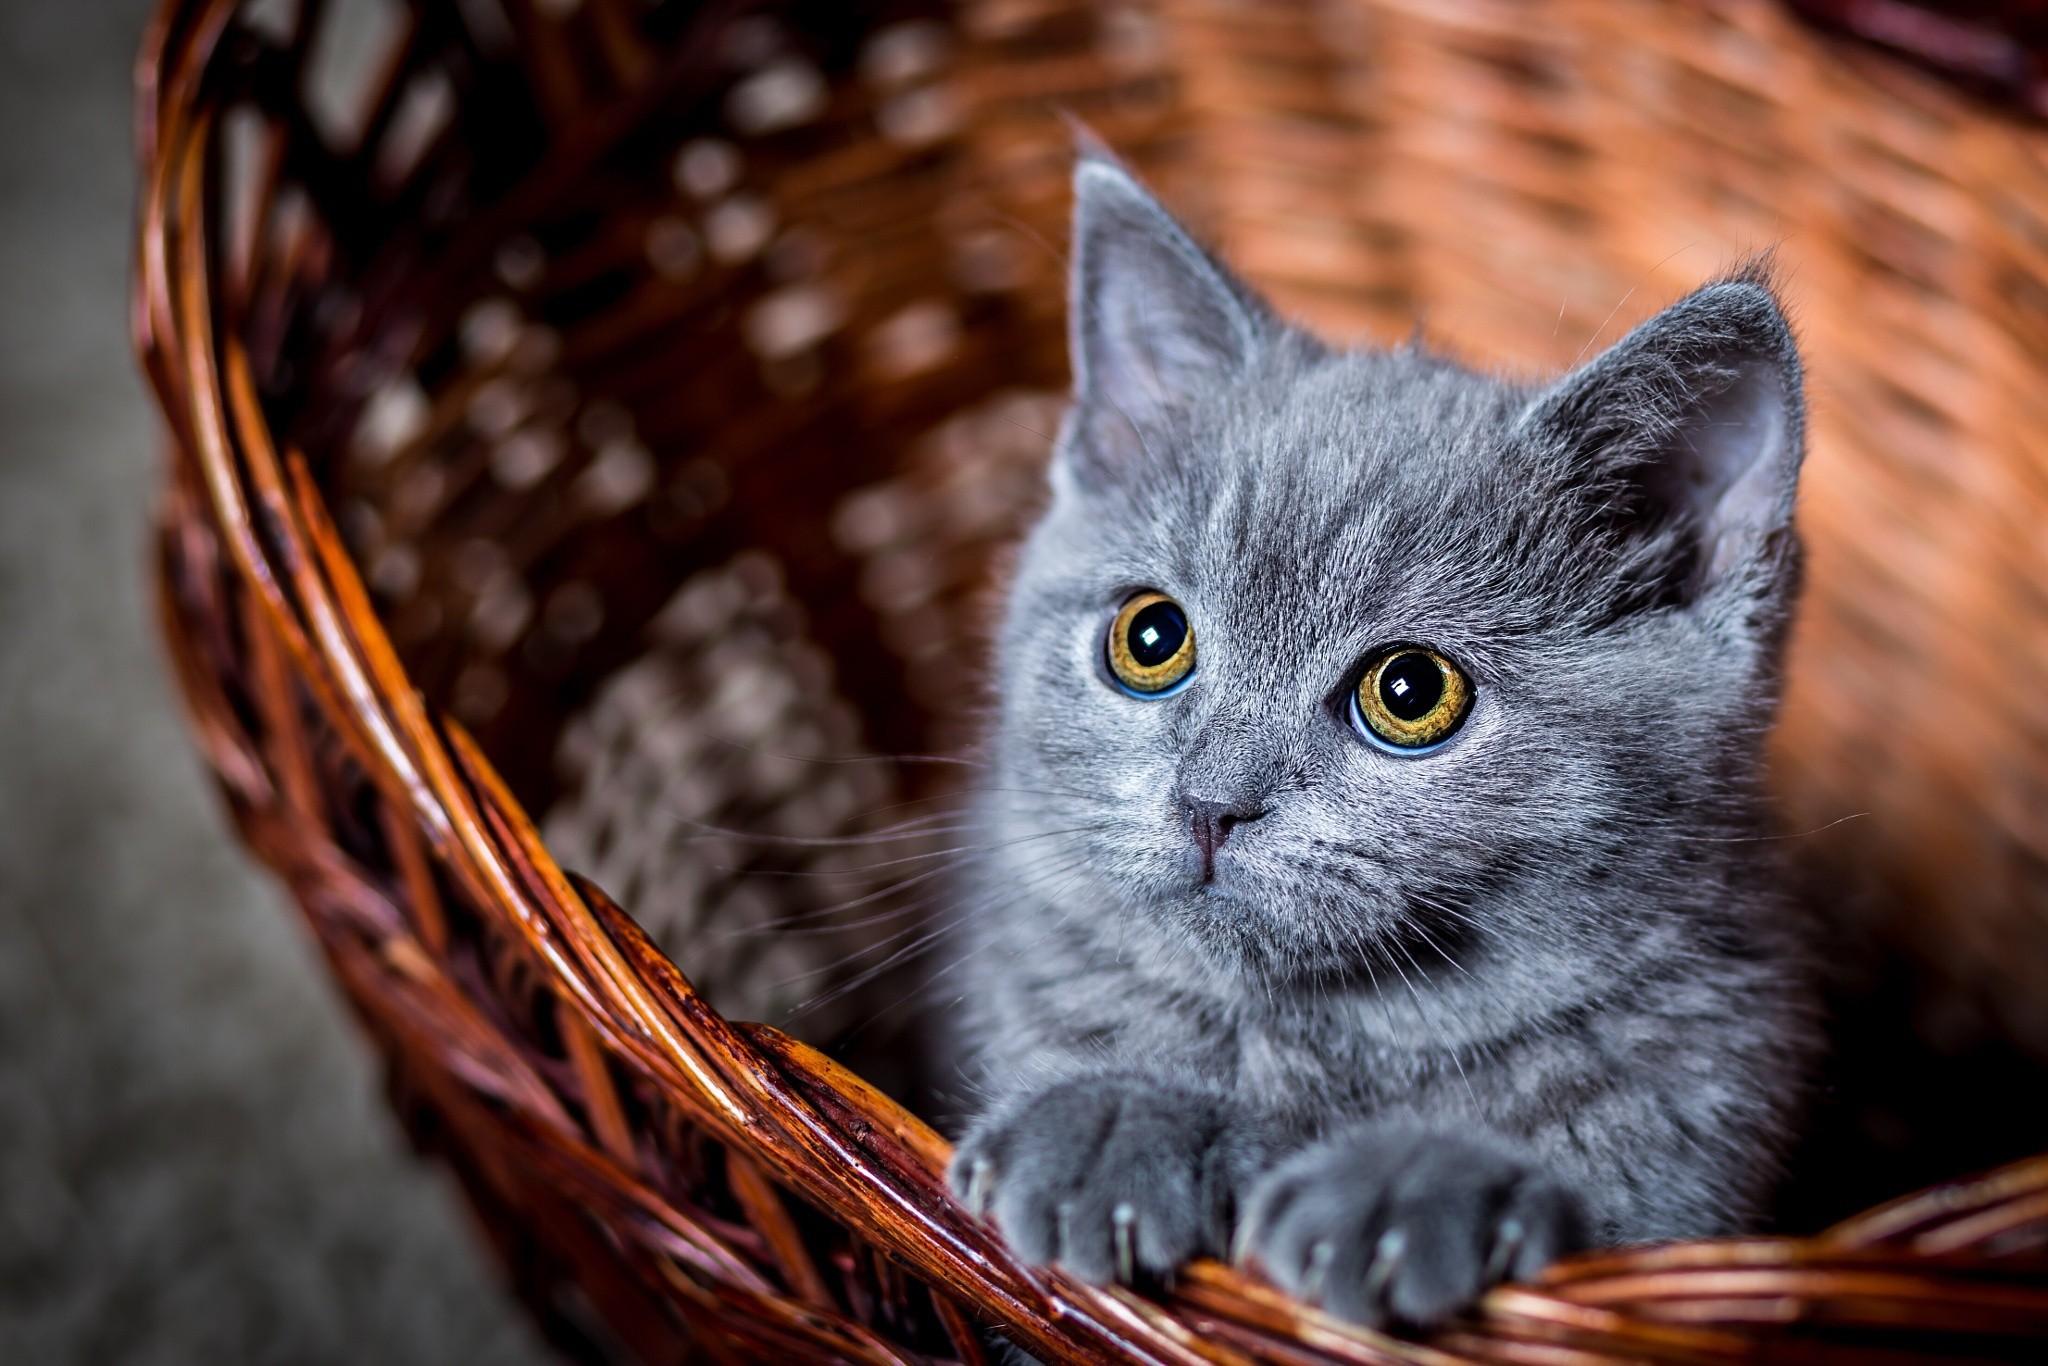 время, чтобы куда загрузить фото кошек чудесный новогодний